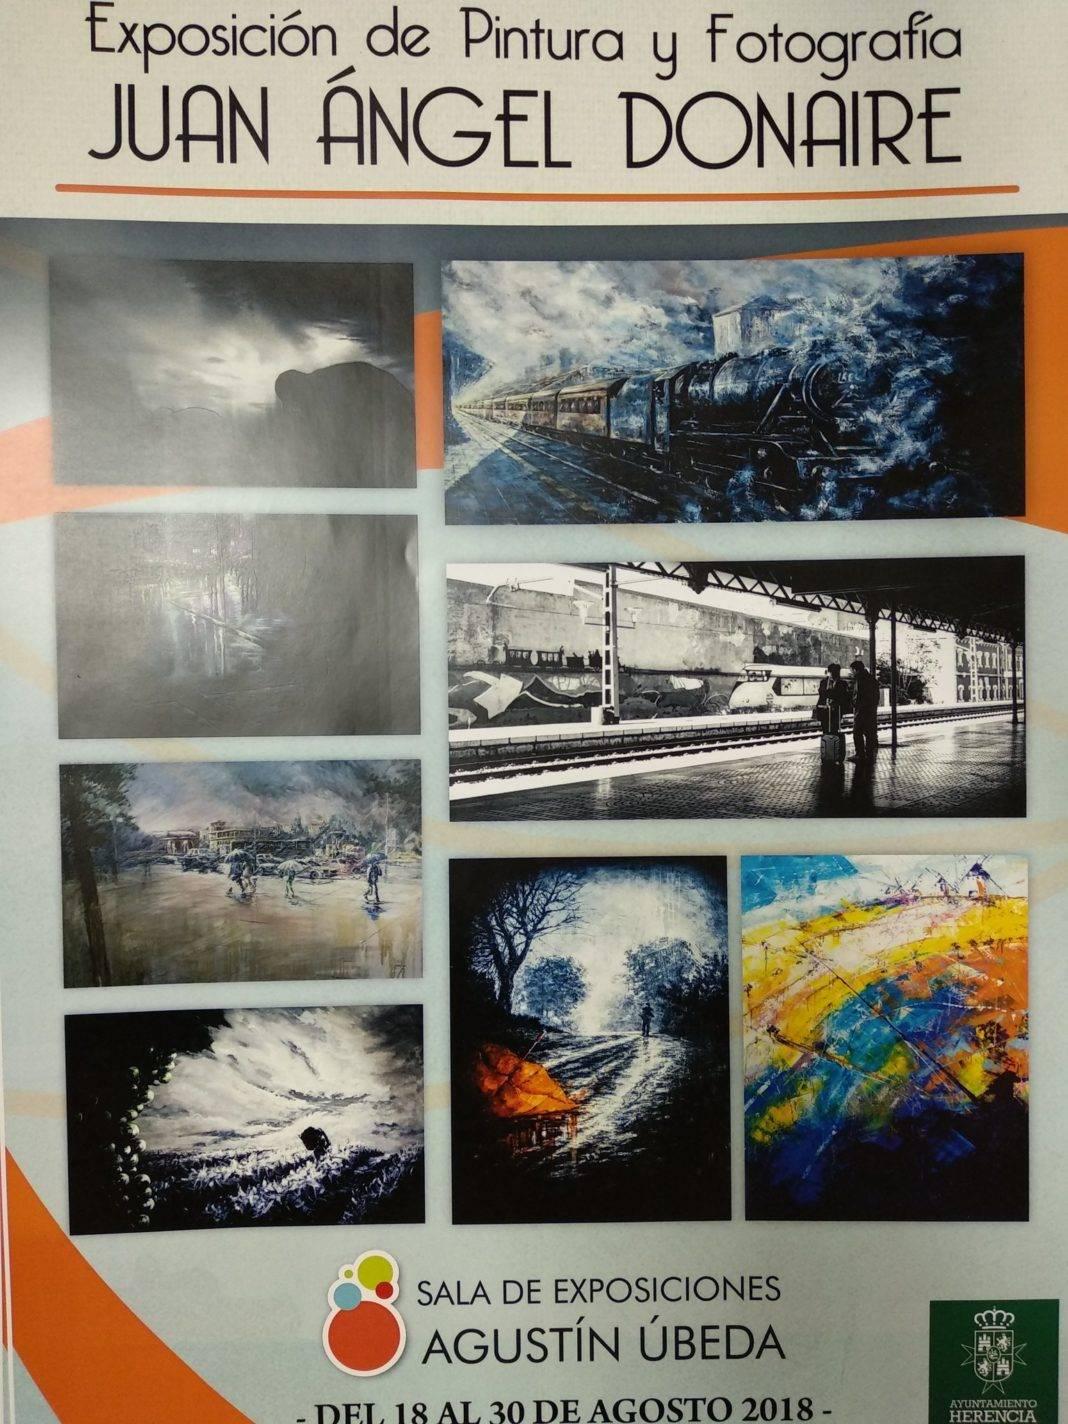 Exposición Juan Angel Donaire en Herencia 1068x1424 - El artista Juan Ángel Donaire expone fotografía y pintura en Herencia